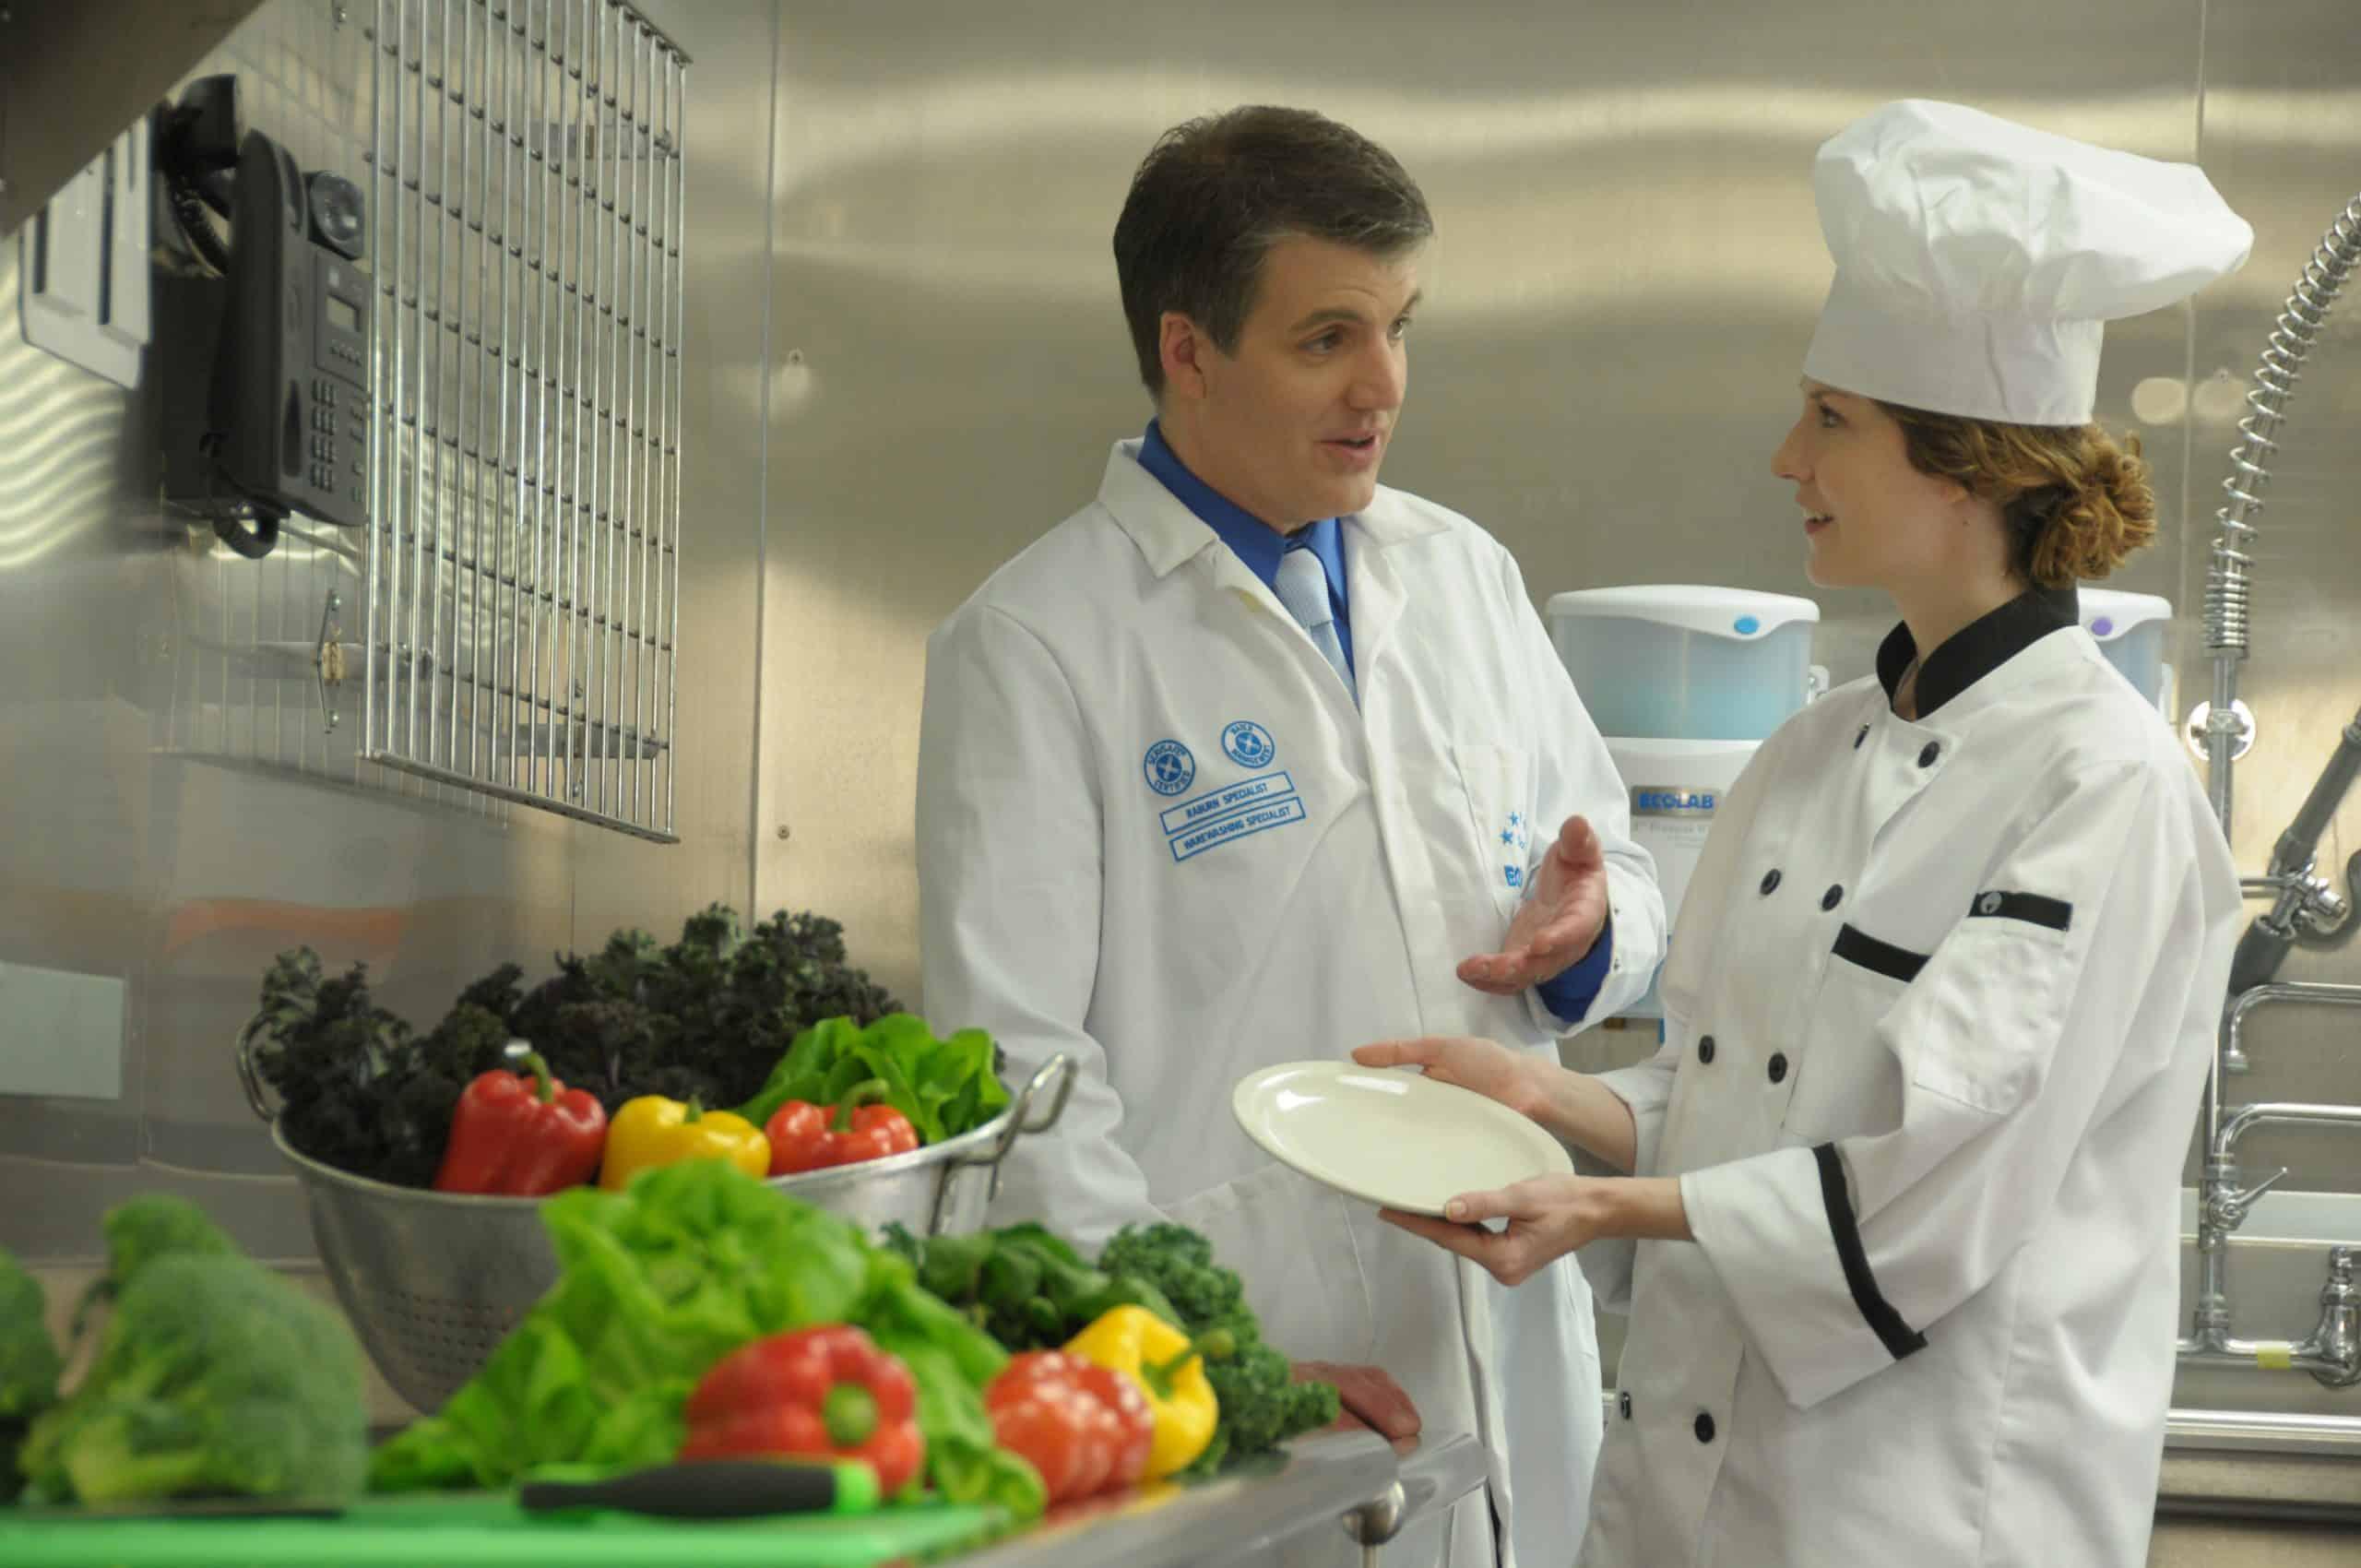 Jetzt und später: Hygiene und Sauberkeit in der gewerblichen Küche